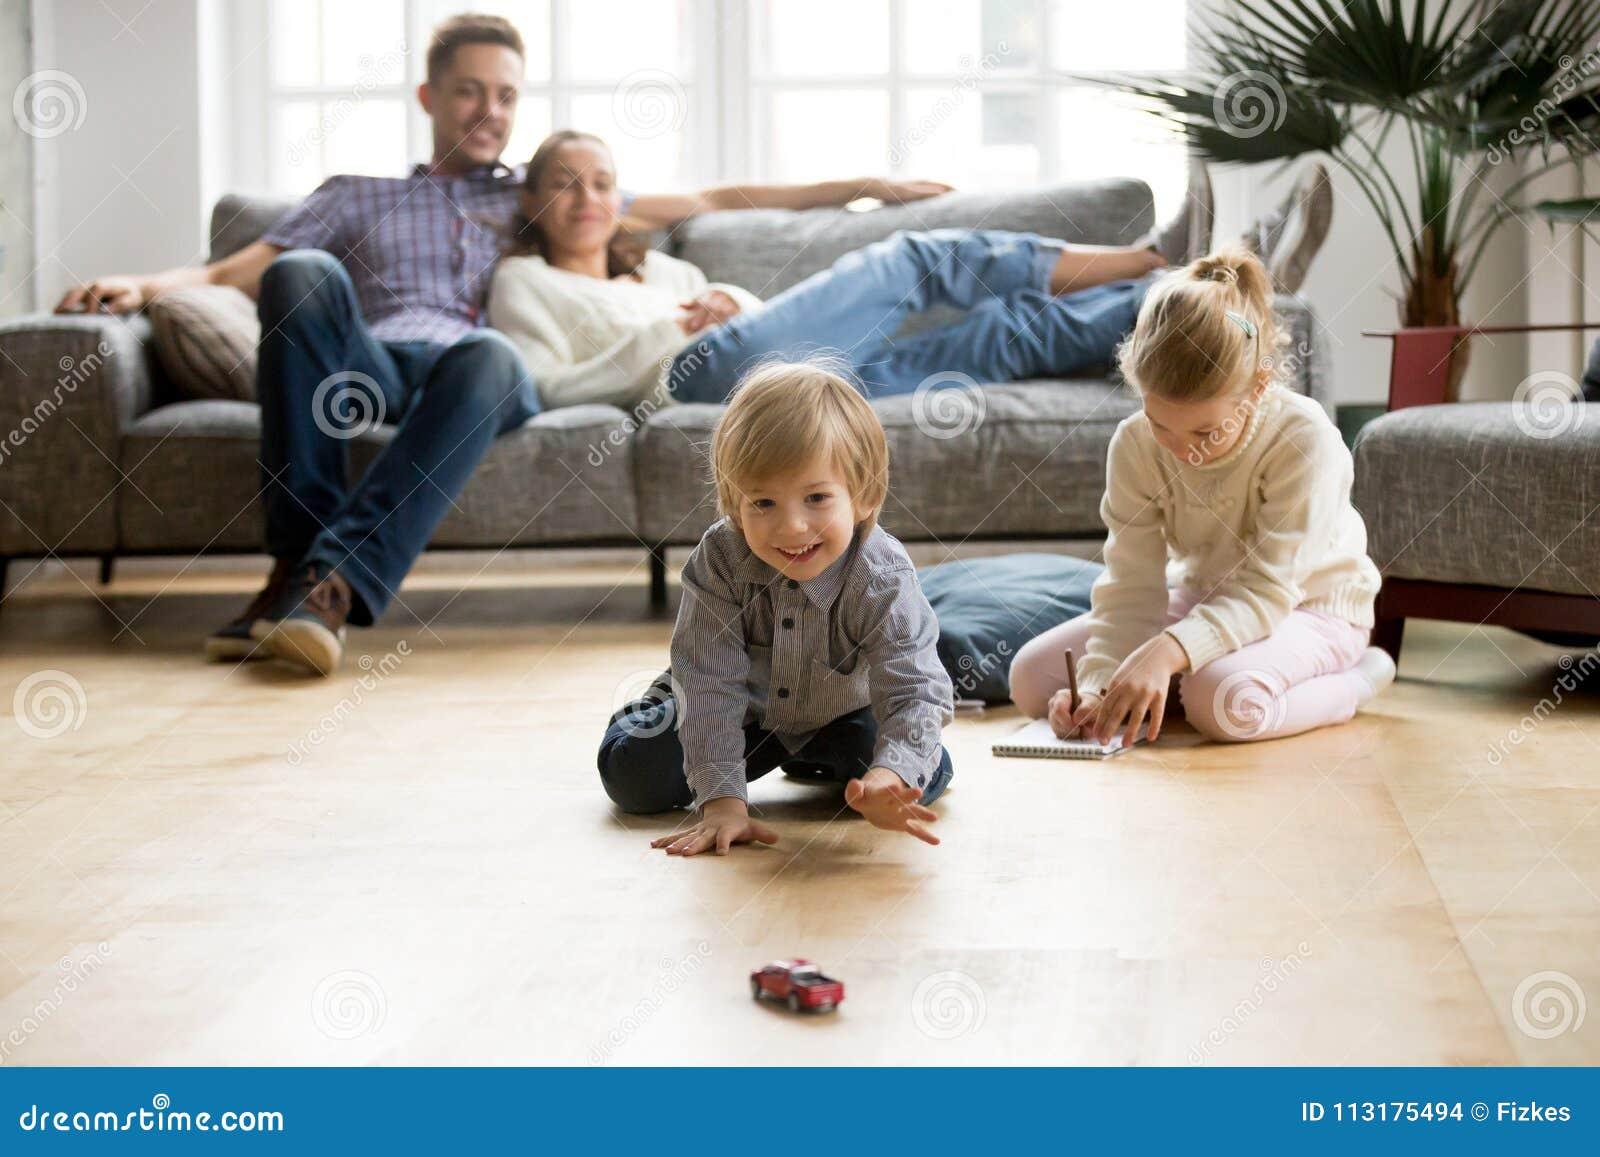 Παιδιά που παίζουν στο πάτωμα, γονείς που χαλαρώνει στον καναπέ στο σπίτι